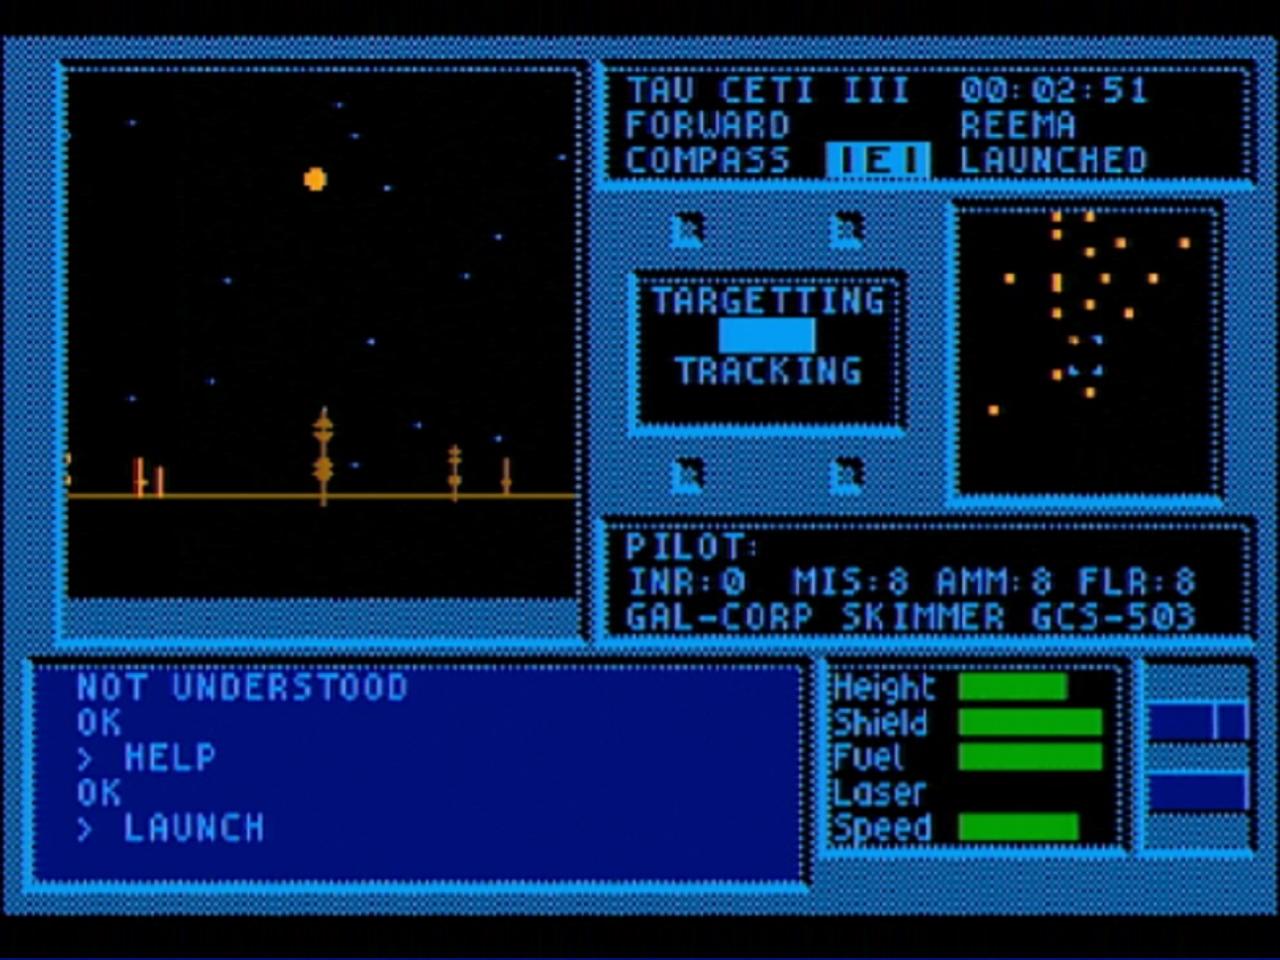 """Tau Ceti - CRL Group PLC 1986. Und ich düse, düse, düse, düse im... Unterwegs auf der Planetenoberfläche von """"Tau Ceti III"""". Es macht sich verdächtige Stille breit. (Bild: André Körnig - CPC 464 capture)"""